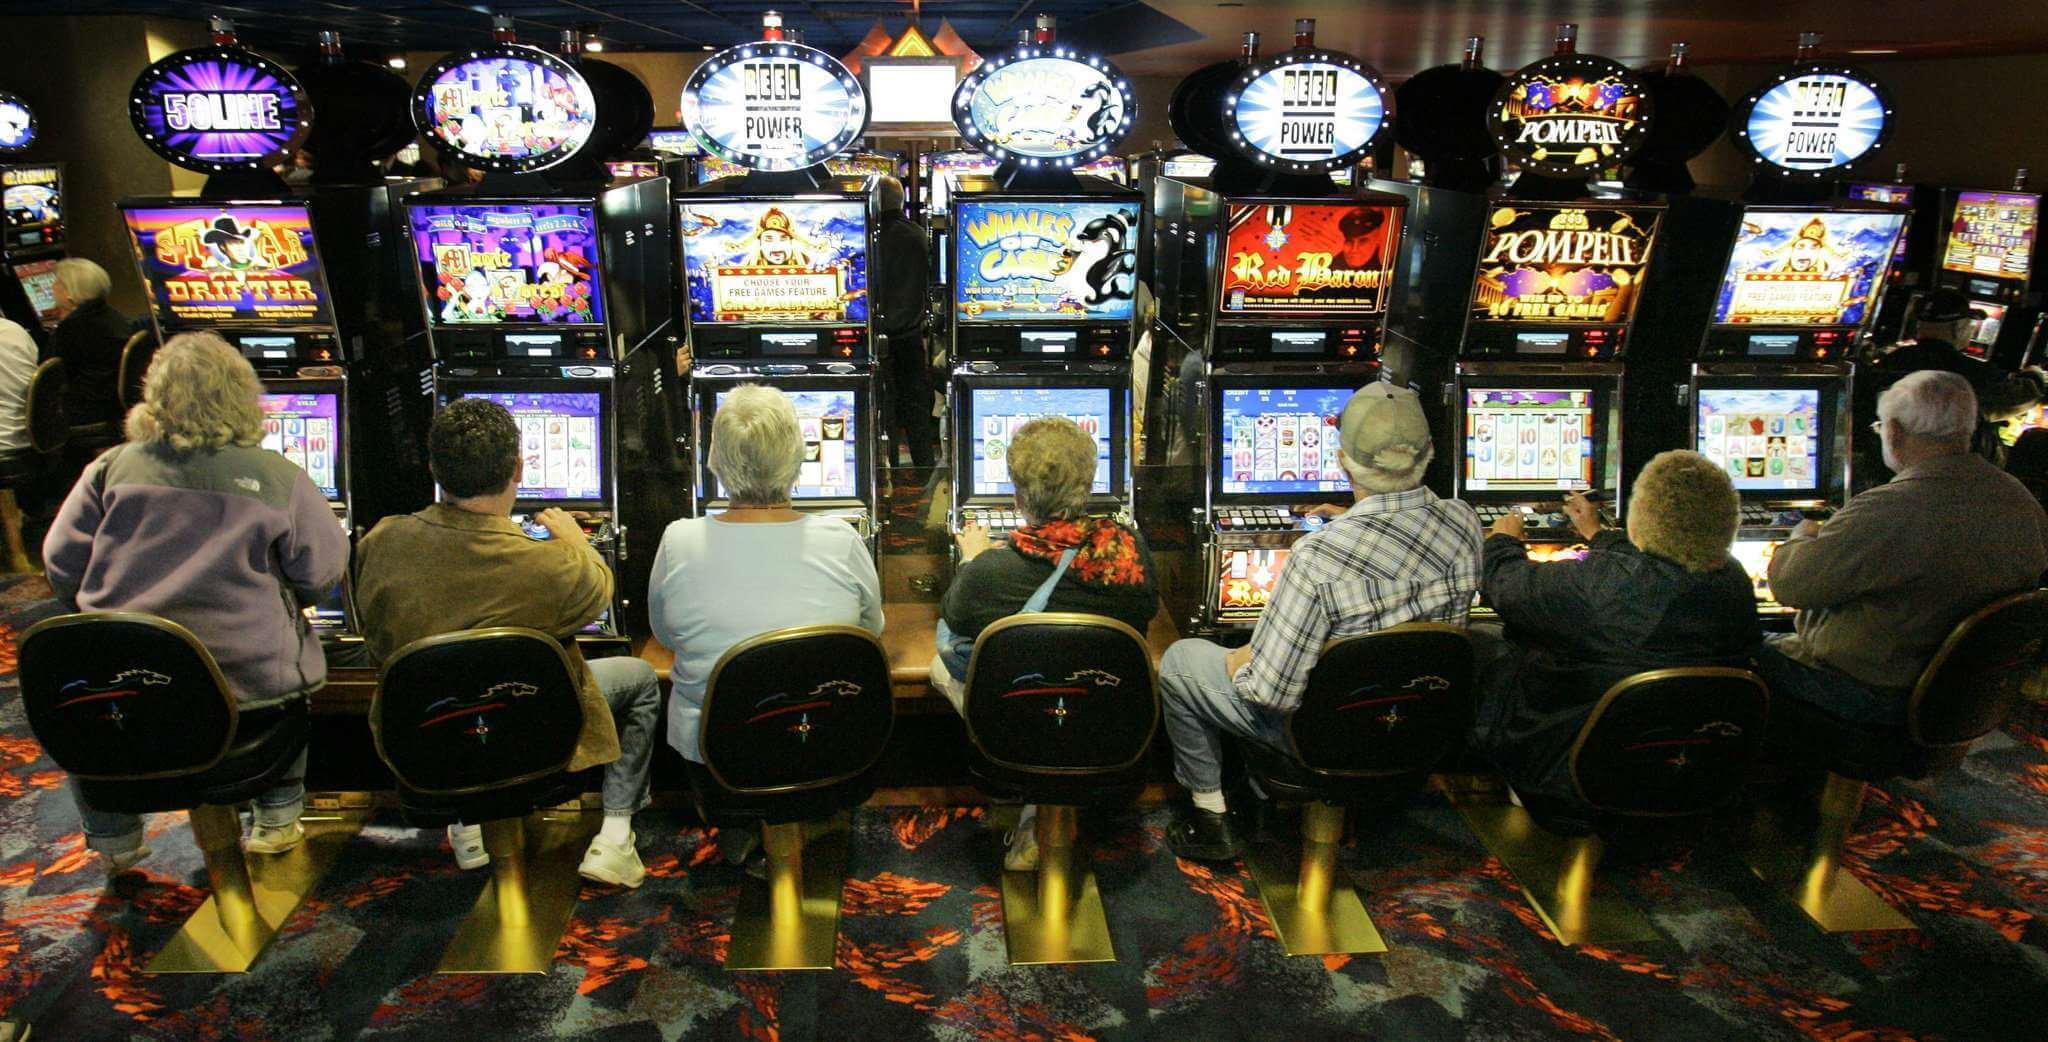 que juego de casino tiene mas probabilidades